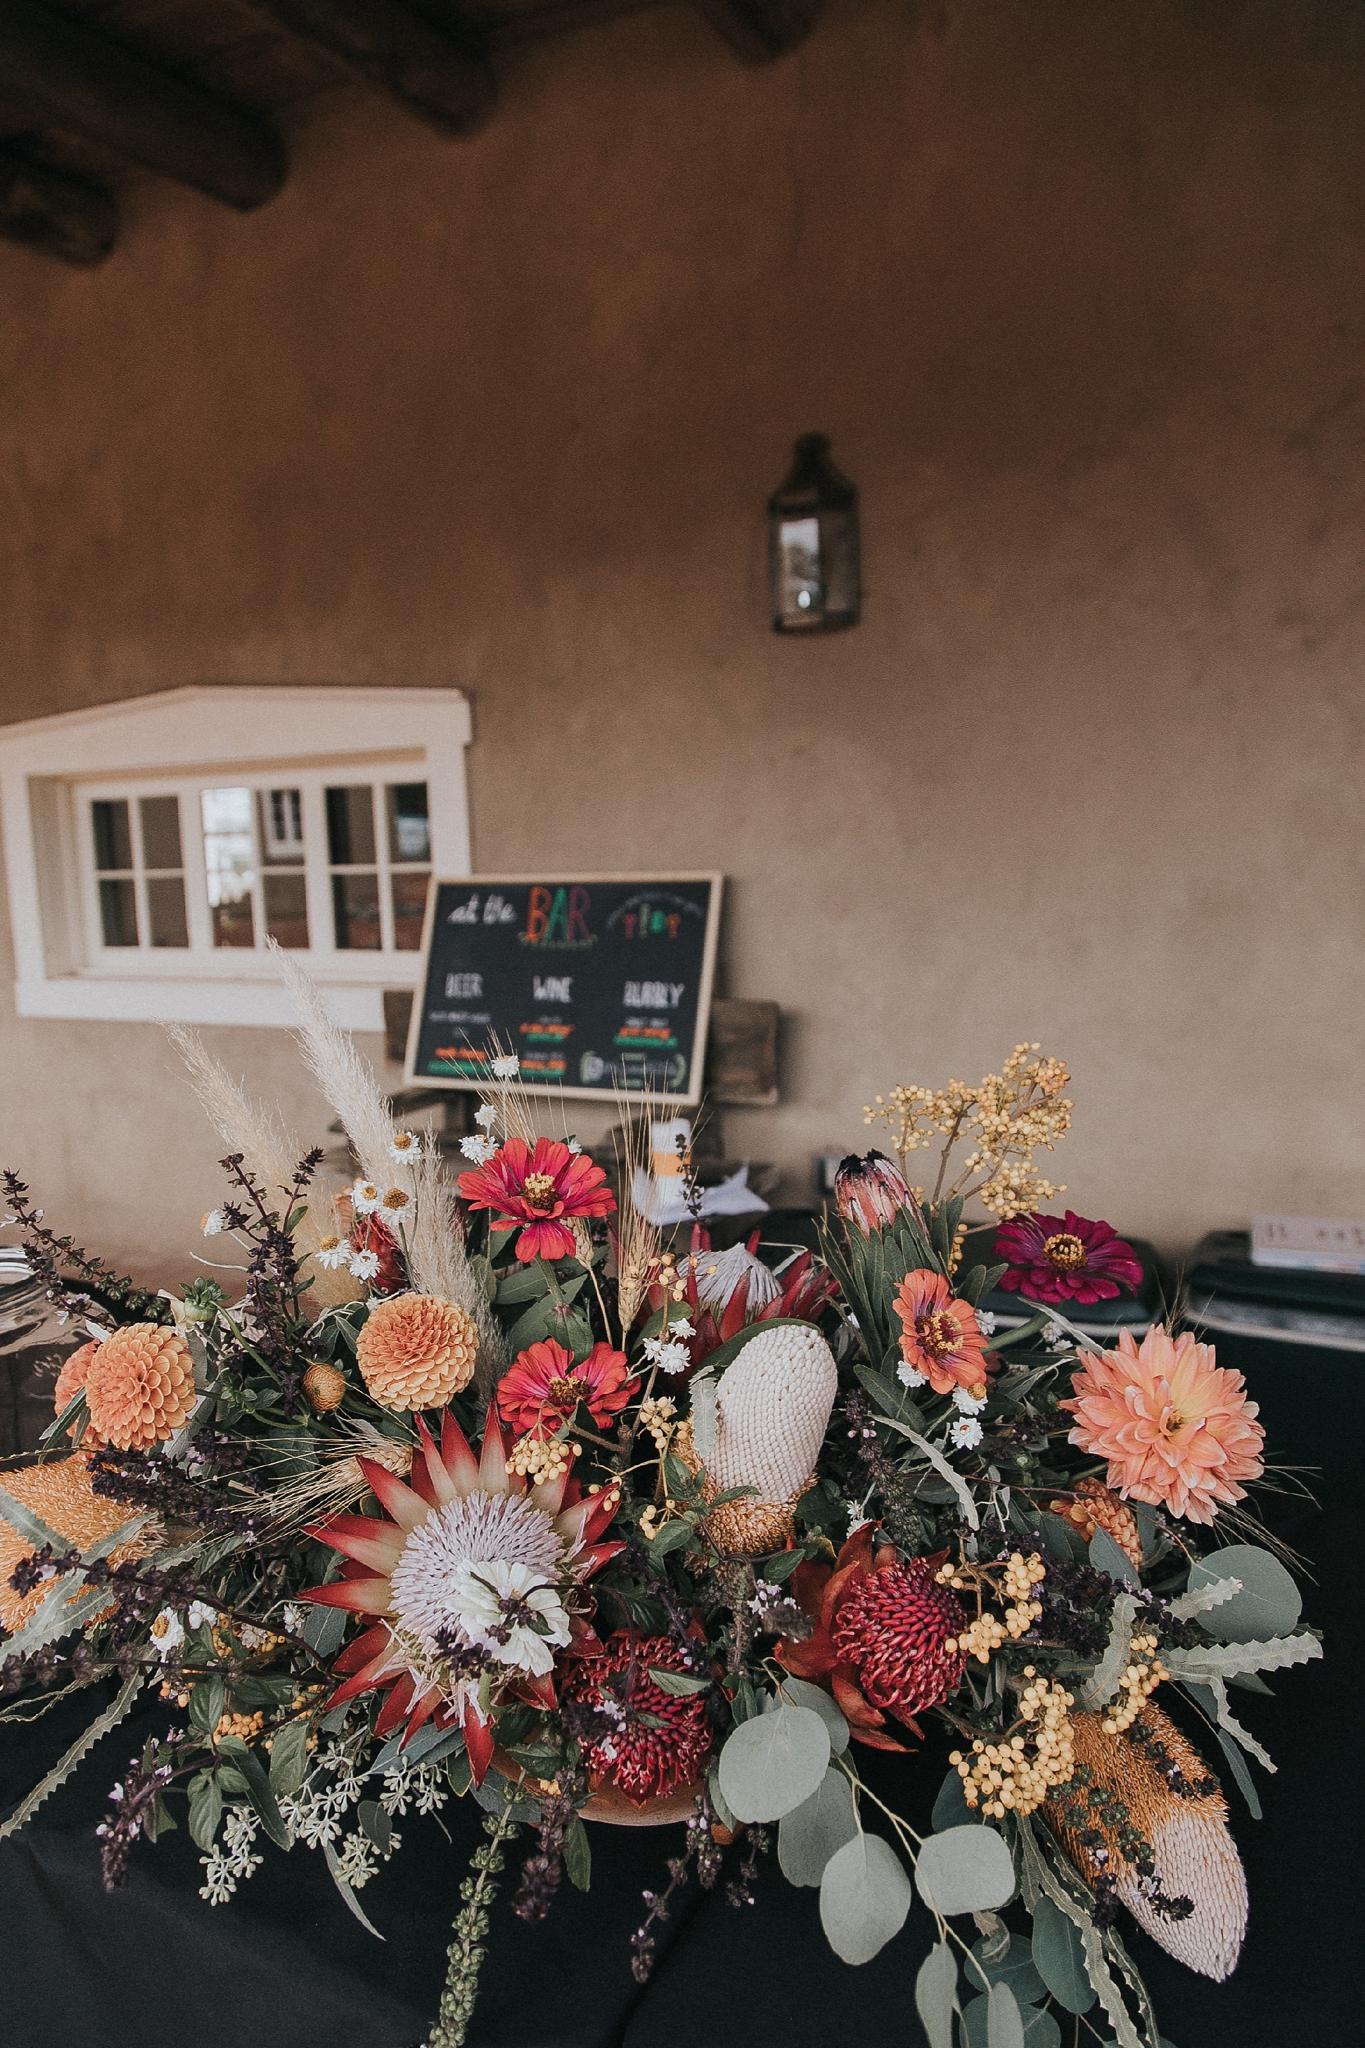 Alicia+lucia+photography+-+albuquerque+wedding+photographer+-+santa+fe+wedding+photography+-+new+mexico+wedding+photographer+-+new+mexico+wedding+-+new+mexico+wedding+-+wedding+florals+-+desert+wedding+-+wedding+trends_0067.jpg